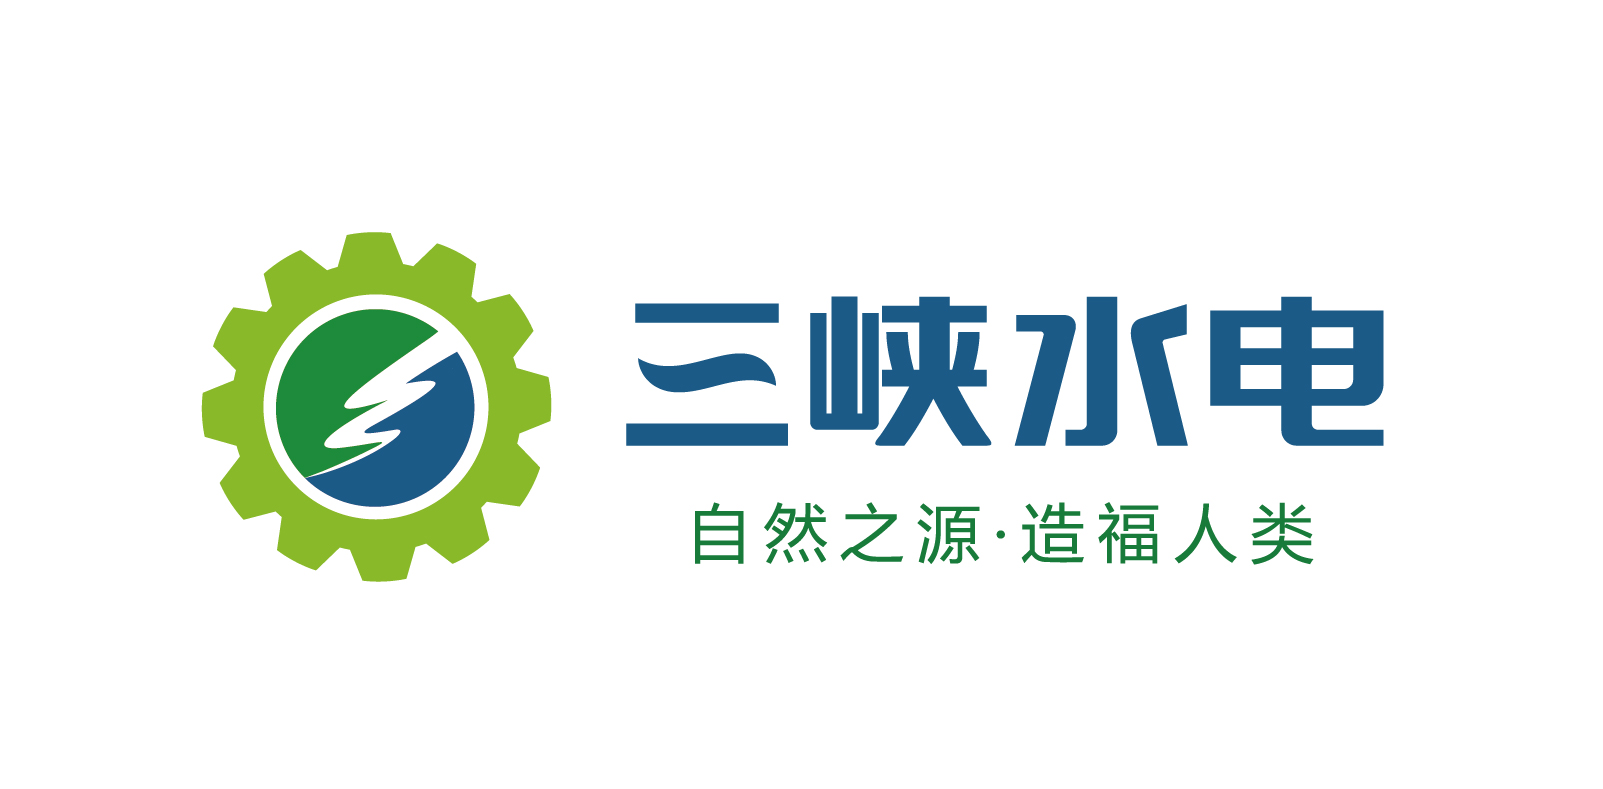 忠縣三峽水電設備制造有限公司